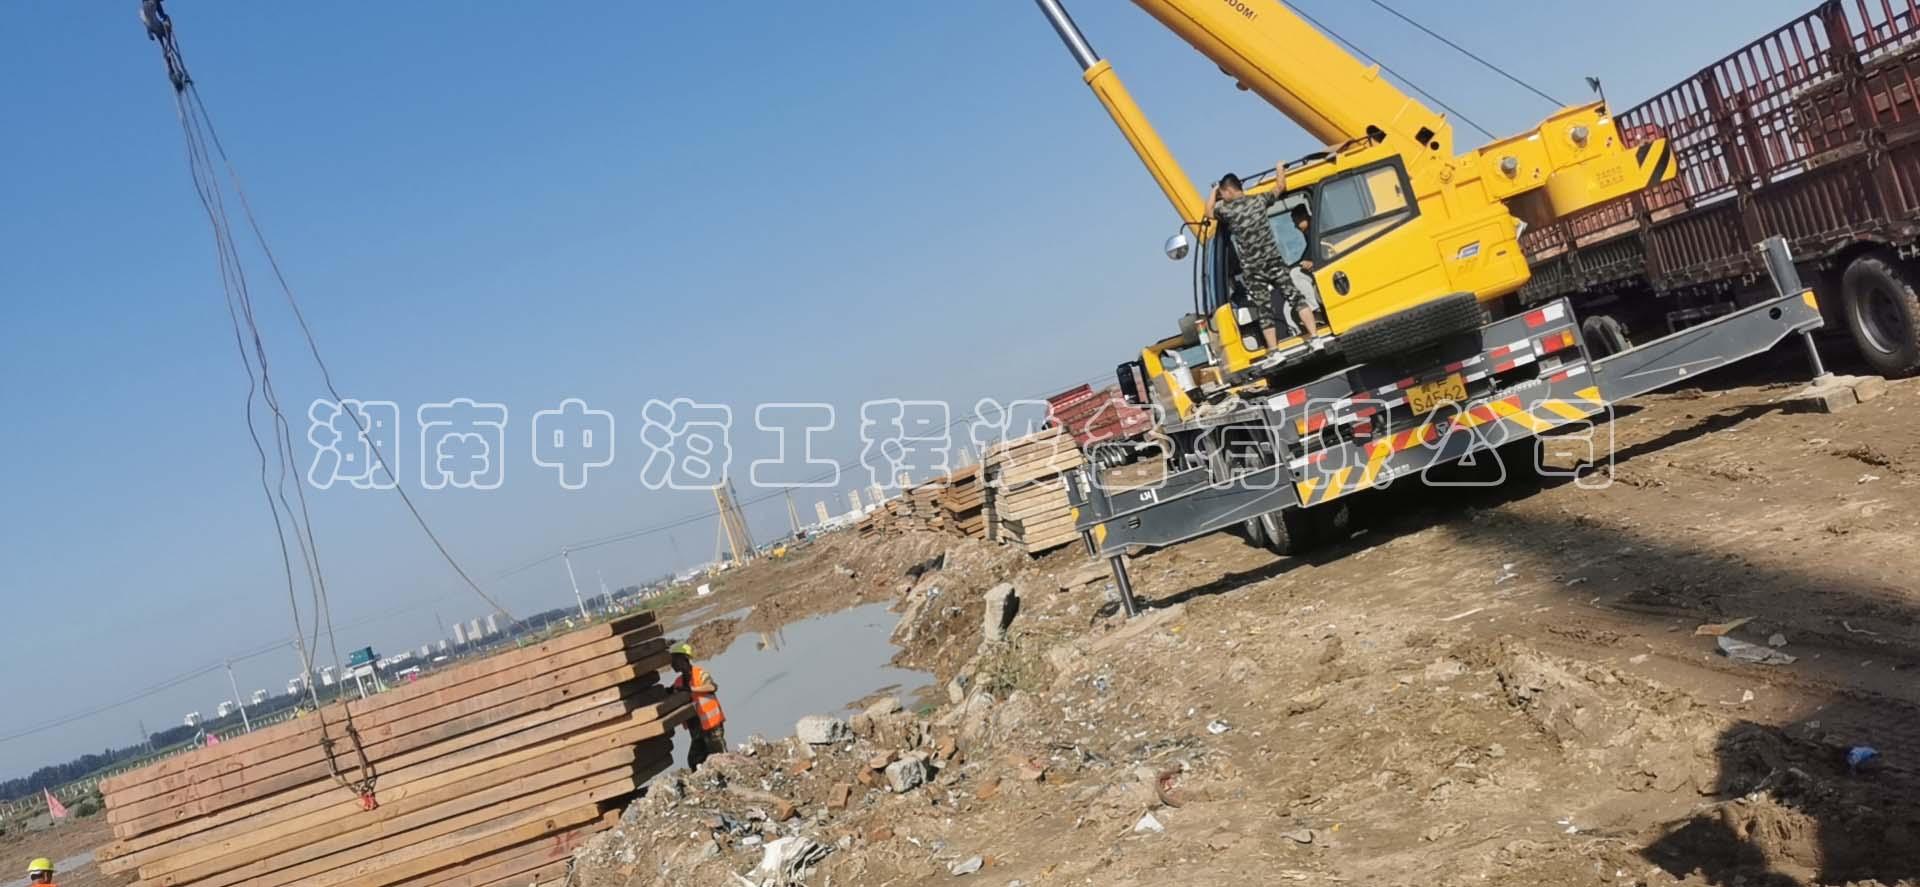 广州/深圳钢板出租需要注意的事项有哪些?